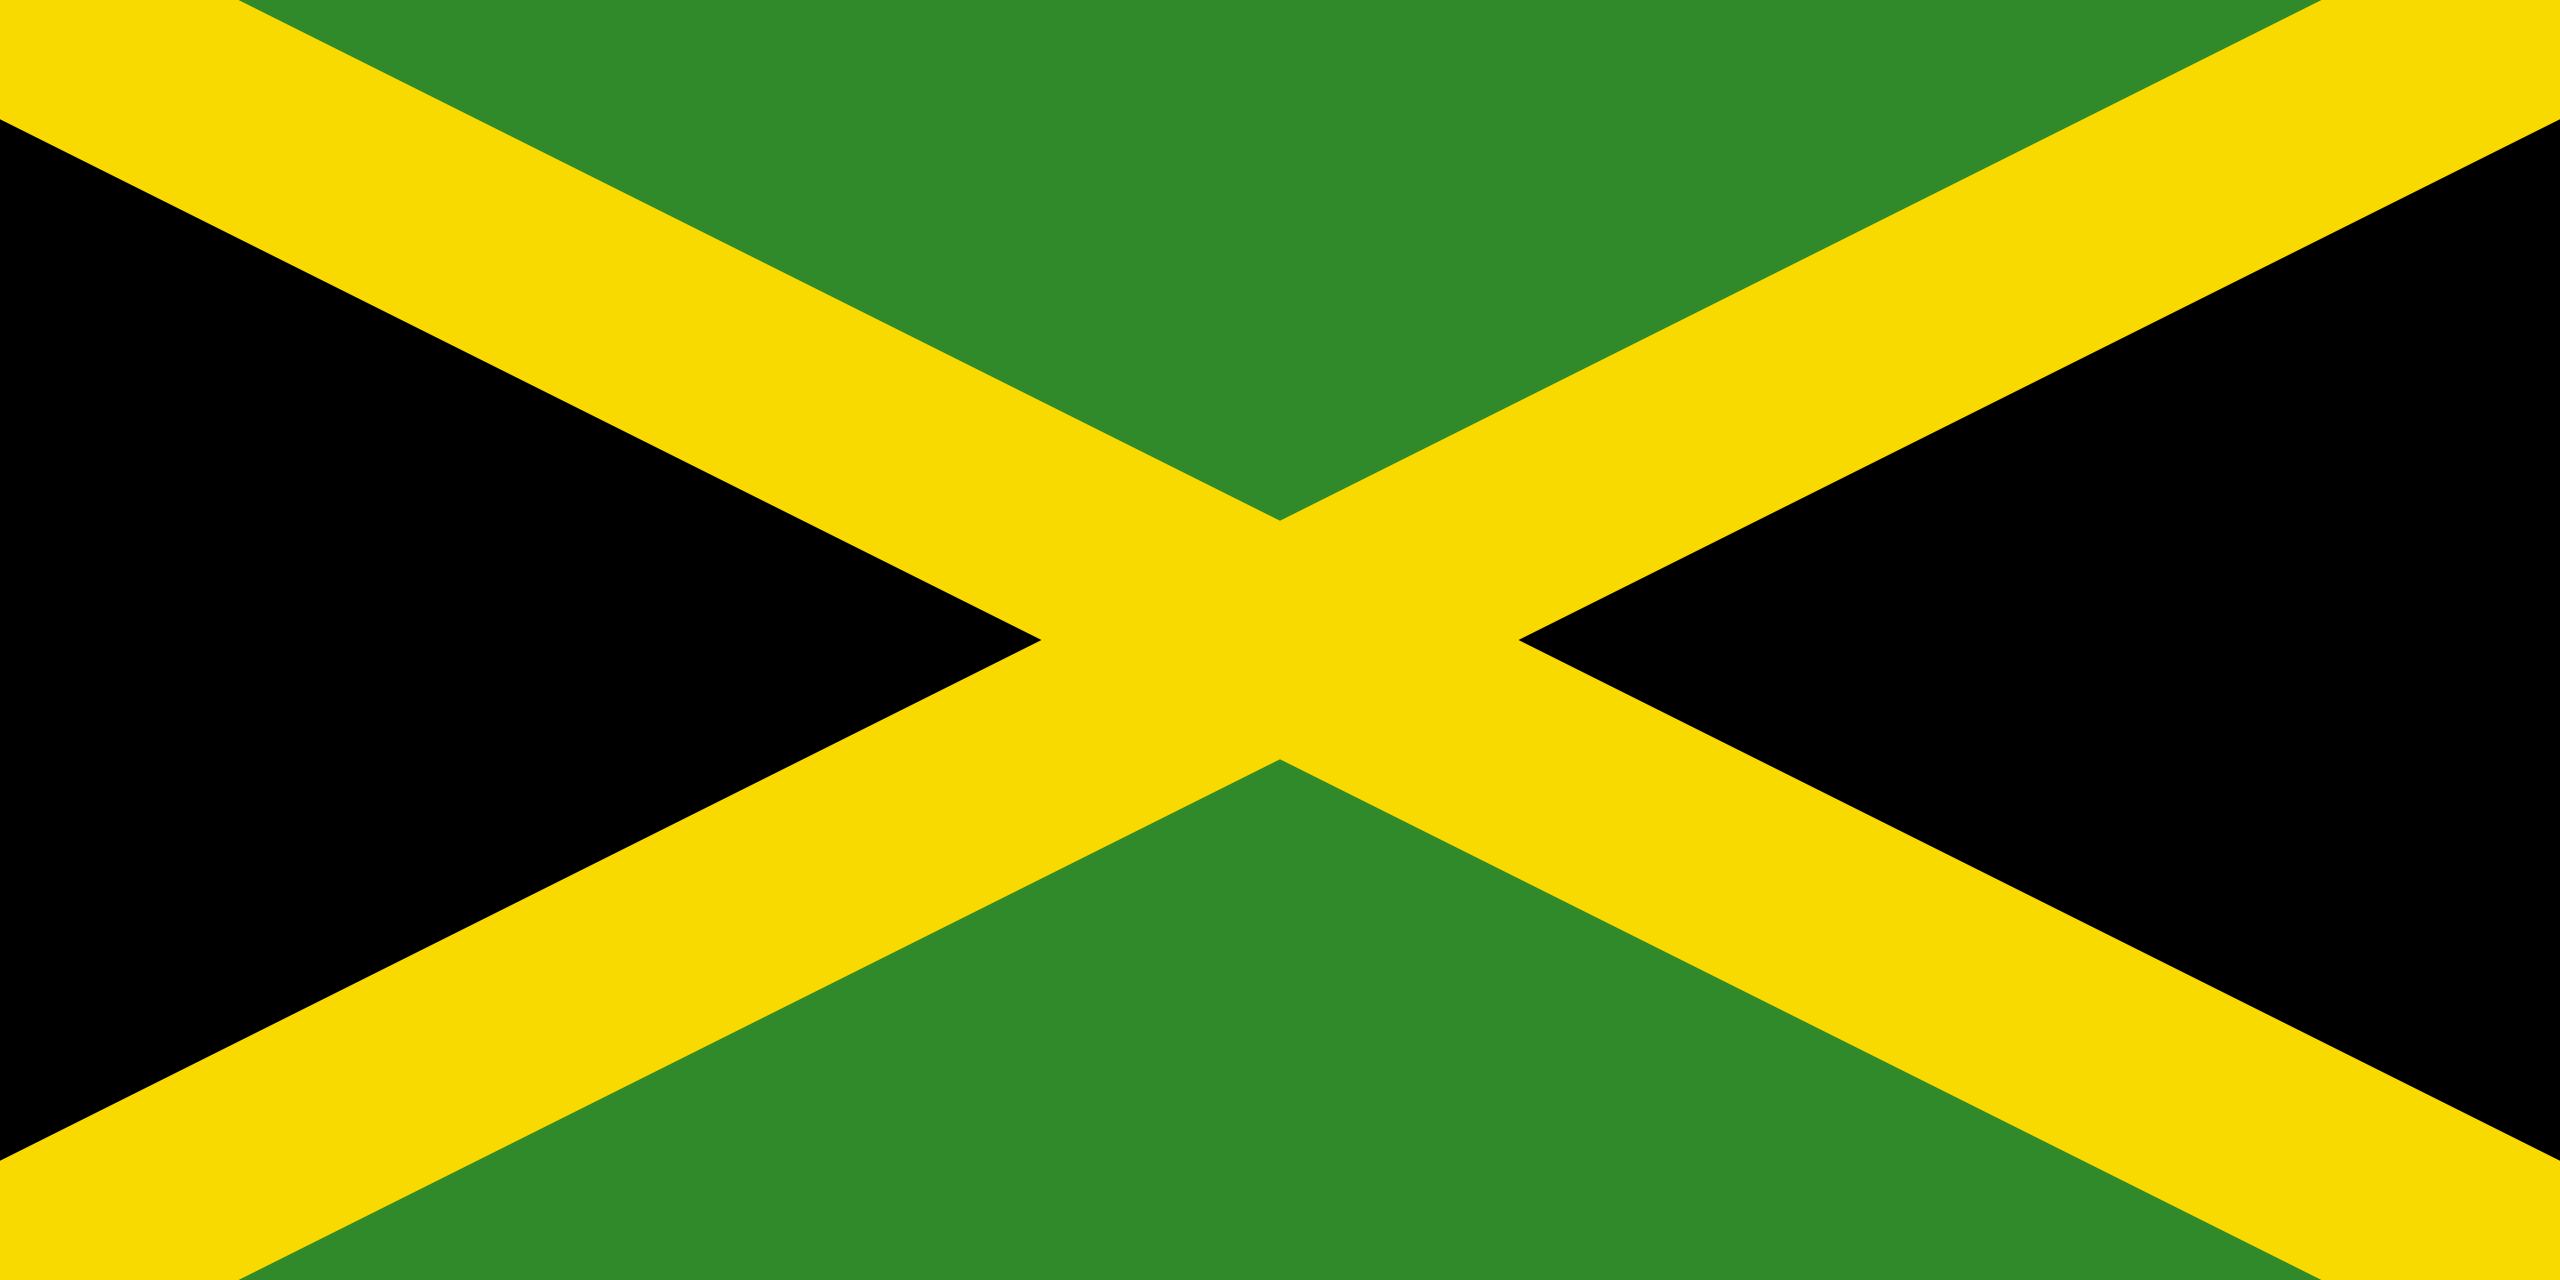 jamaica, 国, エンブレム, ロゴ, シンボル - HD の壁紙 - 教授-falken.com